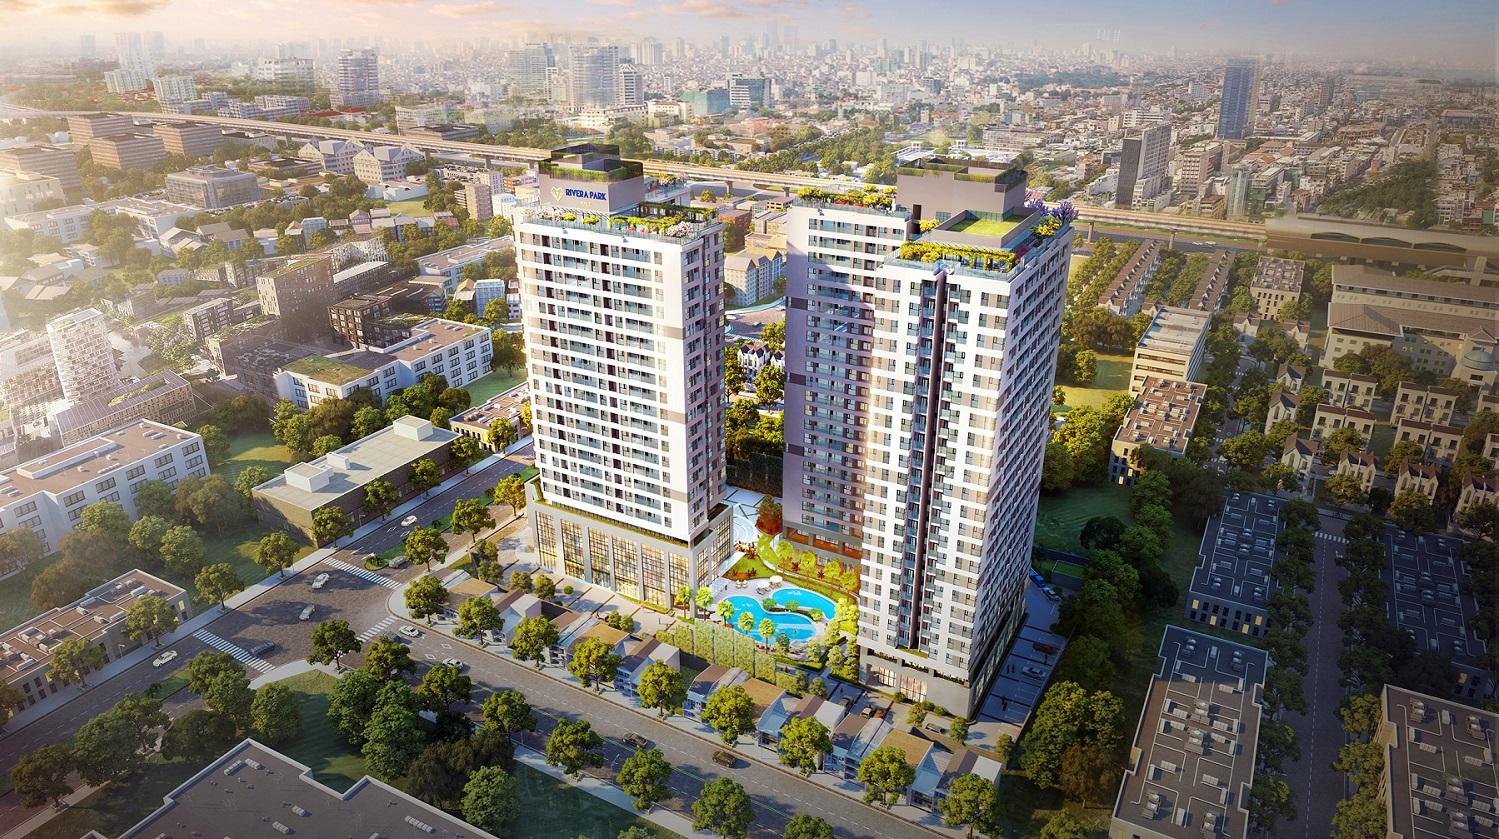 Đâu là dự án đáng sống tại khu vực Thanh Xuân?